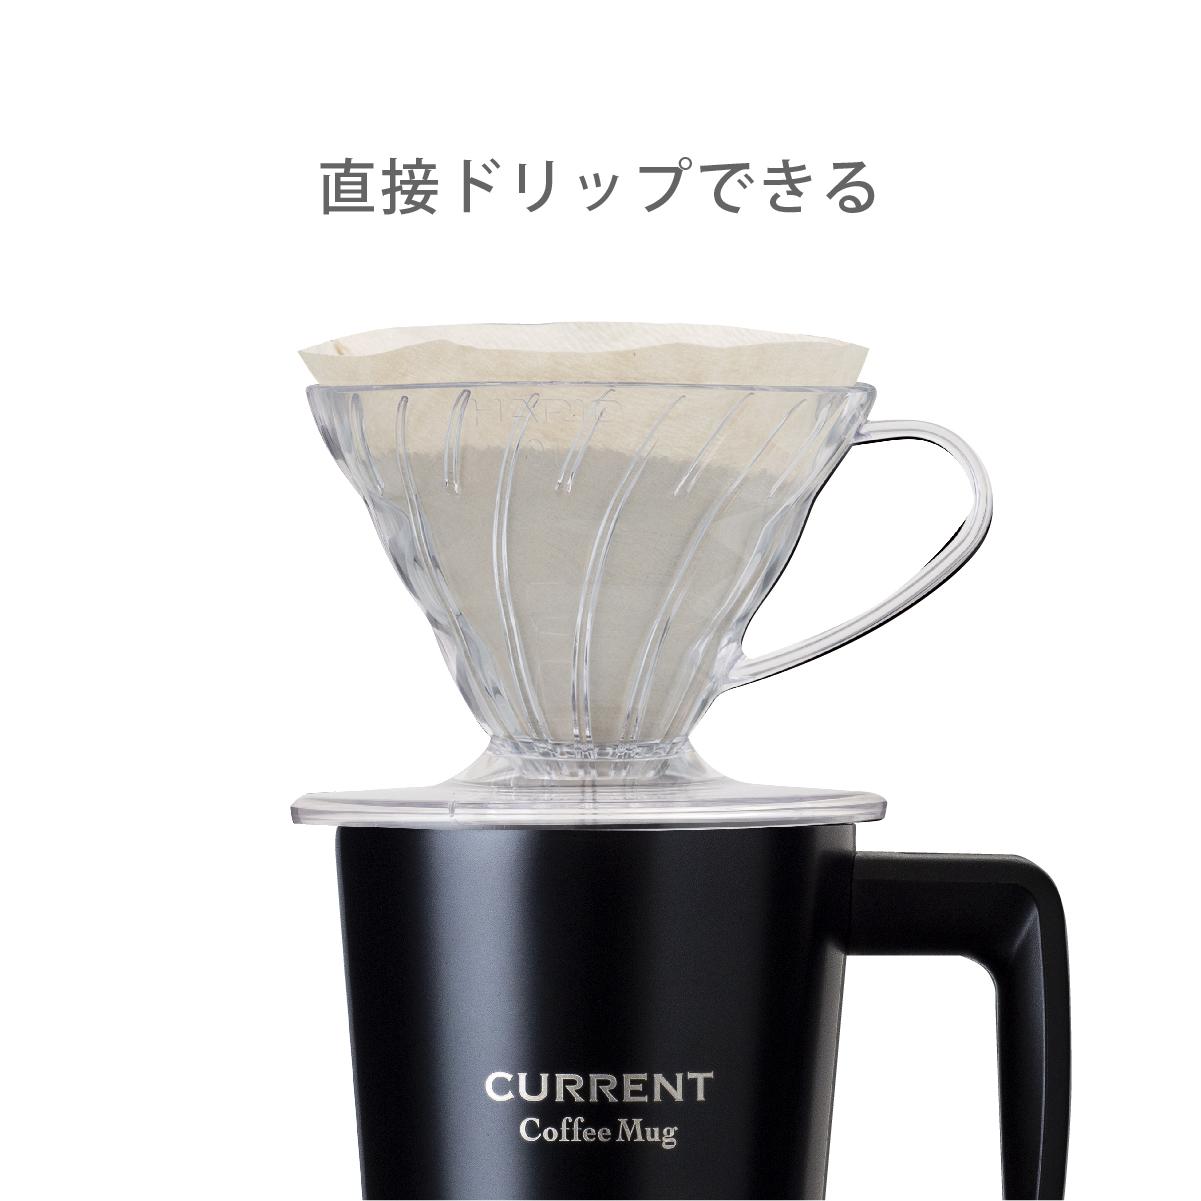 CURRENT コーヒーマグカップ 330ml レッド image04